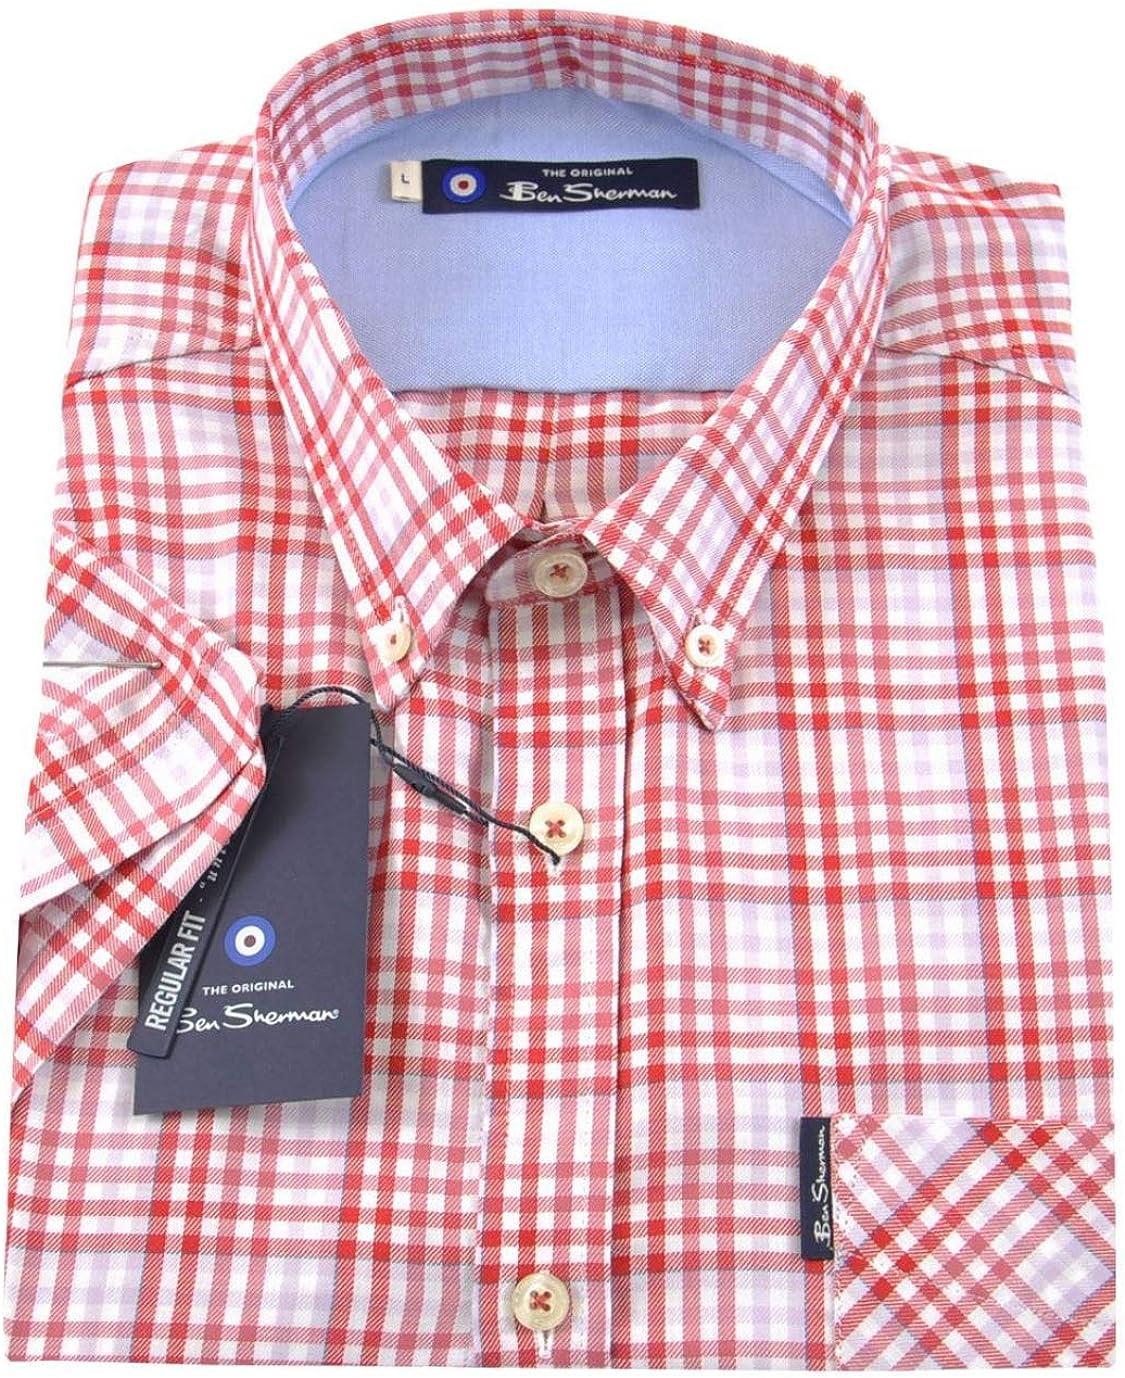 Ben Sherman - Camisa de Manga Corta para Hombre, diseño de Cuadros Rojo Rosa (b) XL: Amazon.es: Ropa y accesorios